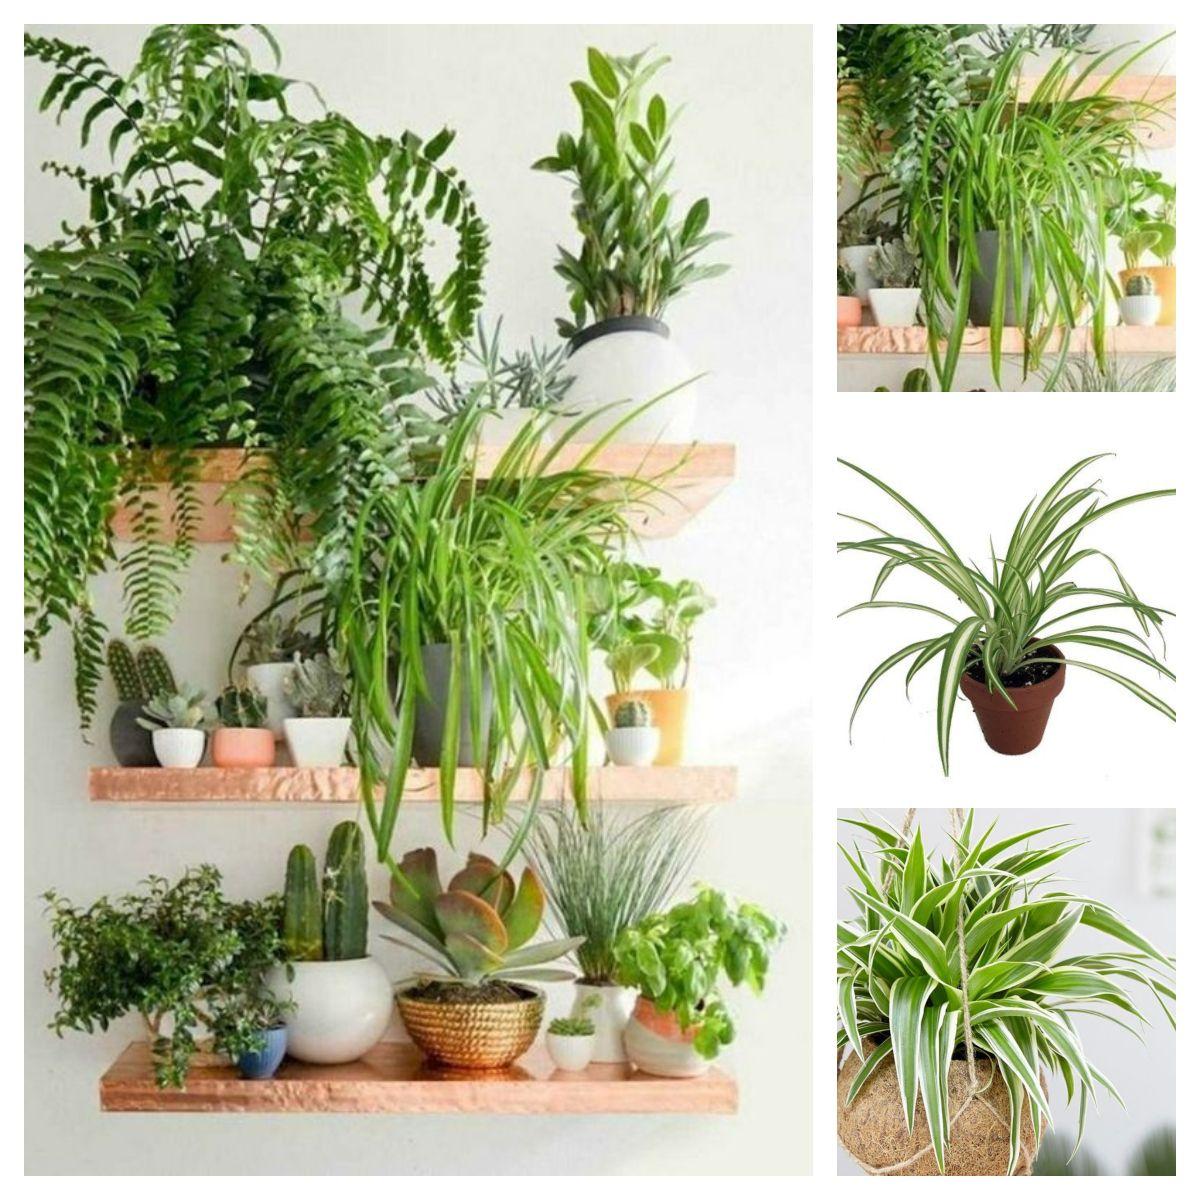 Green Design Blog Rosliny Doniczkowe Indoor Gardens Flowers For Everyone Low Maintenance Indoor Plants